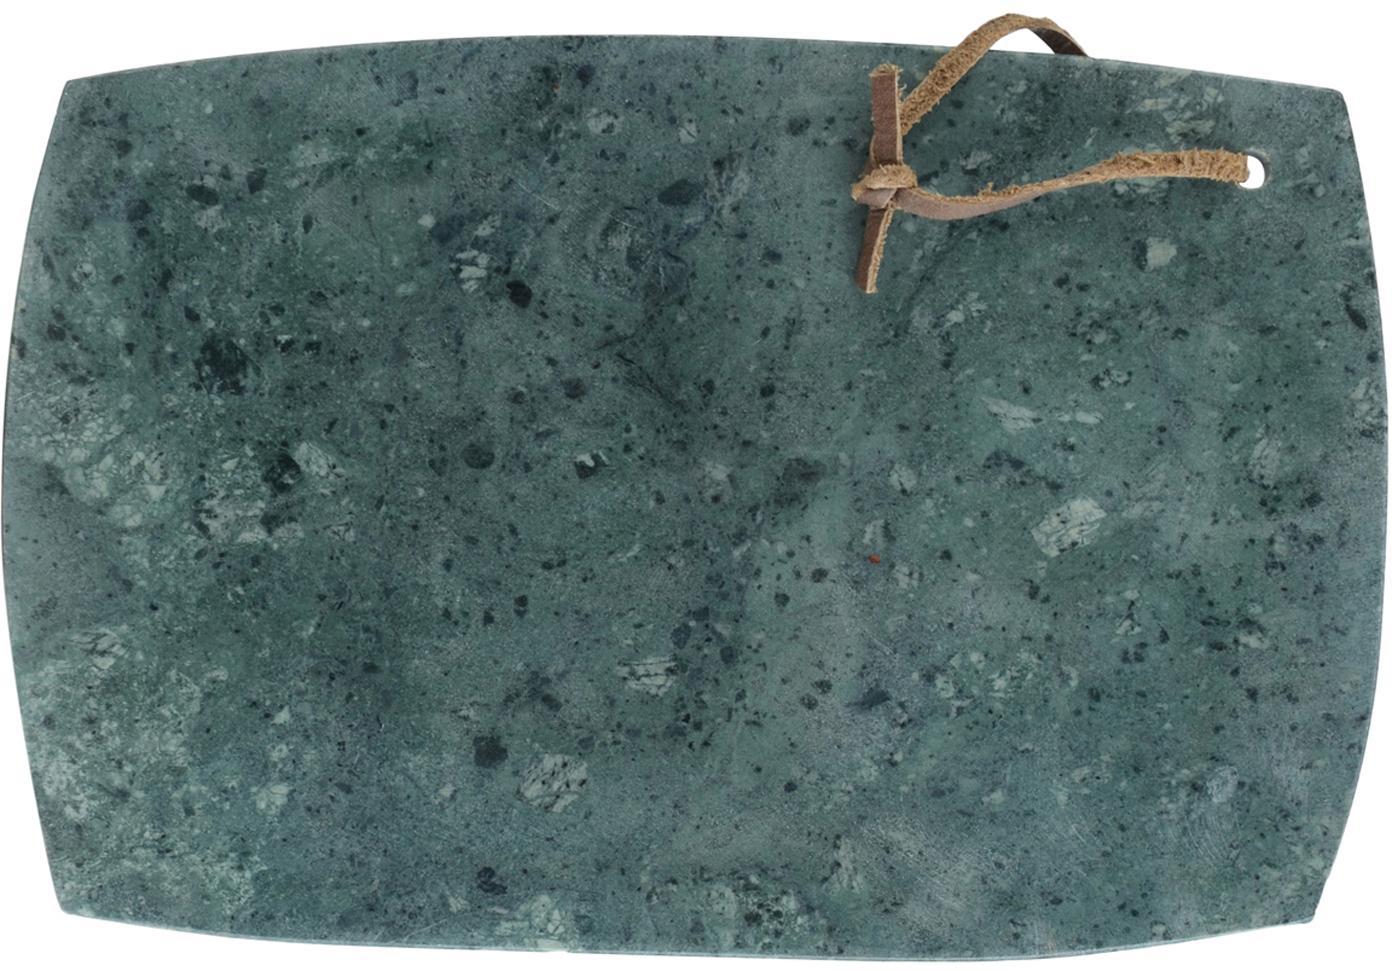 Deska do krojenia Chopchop, Kamień, Zielony, S 20 x D 30 cm